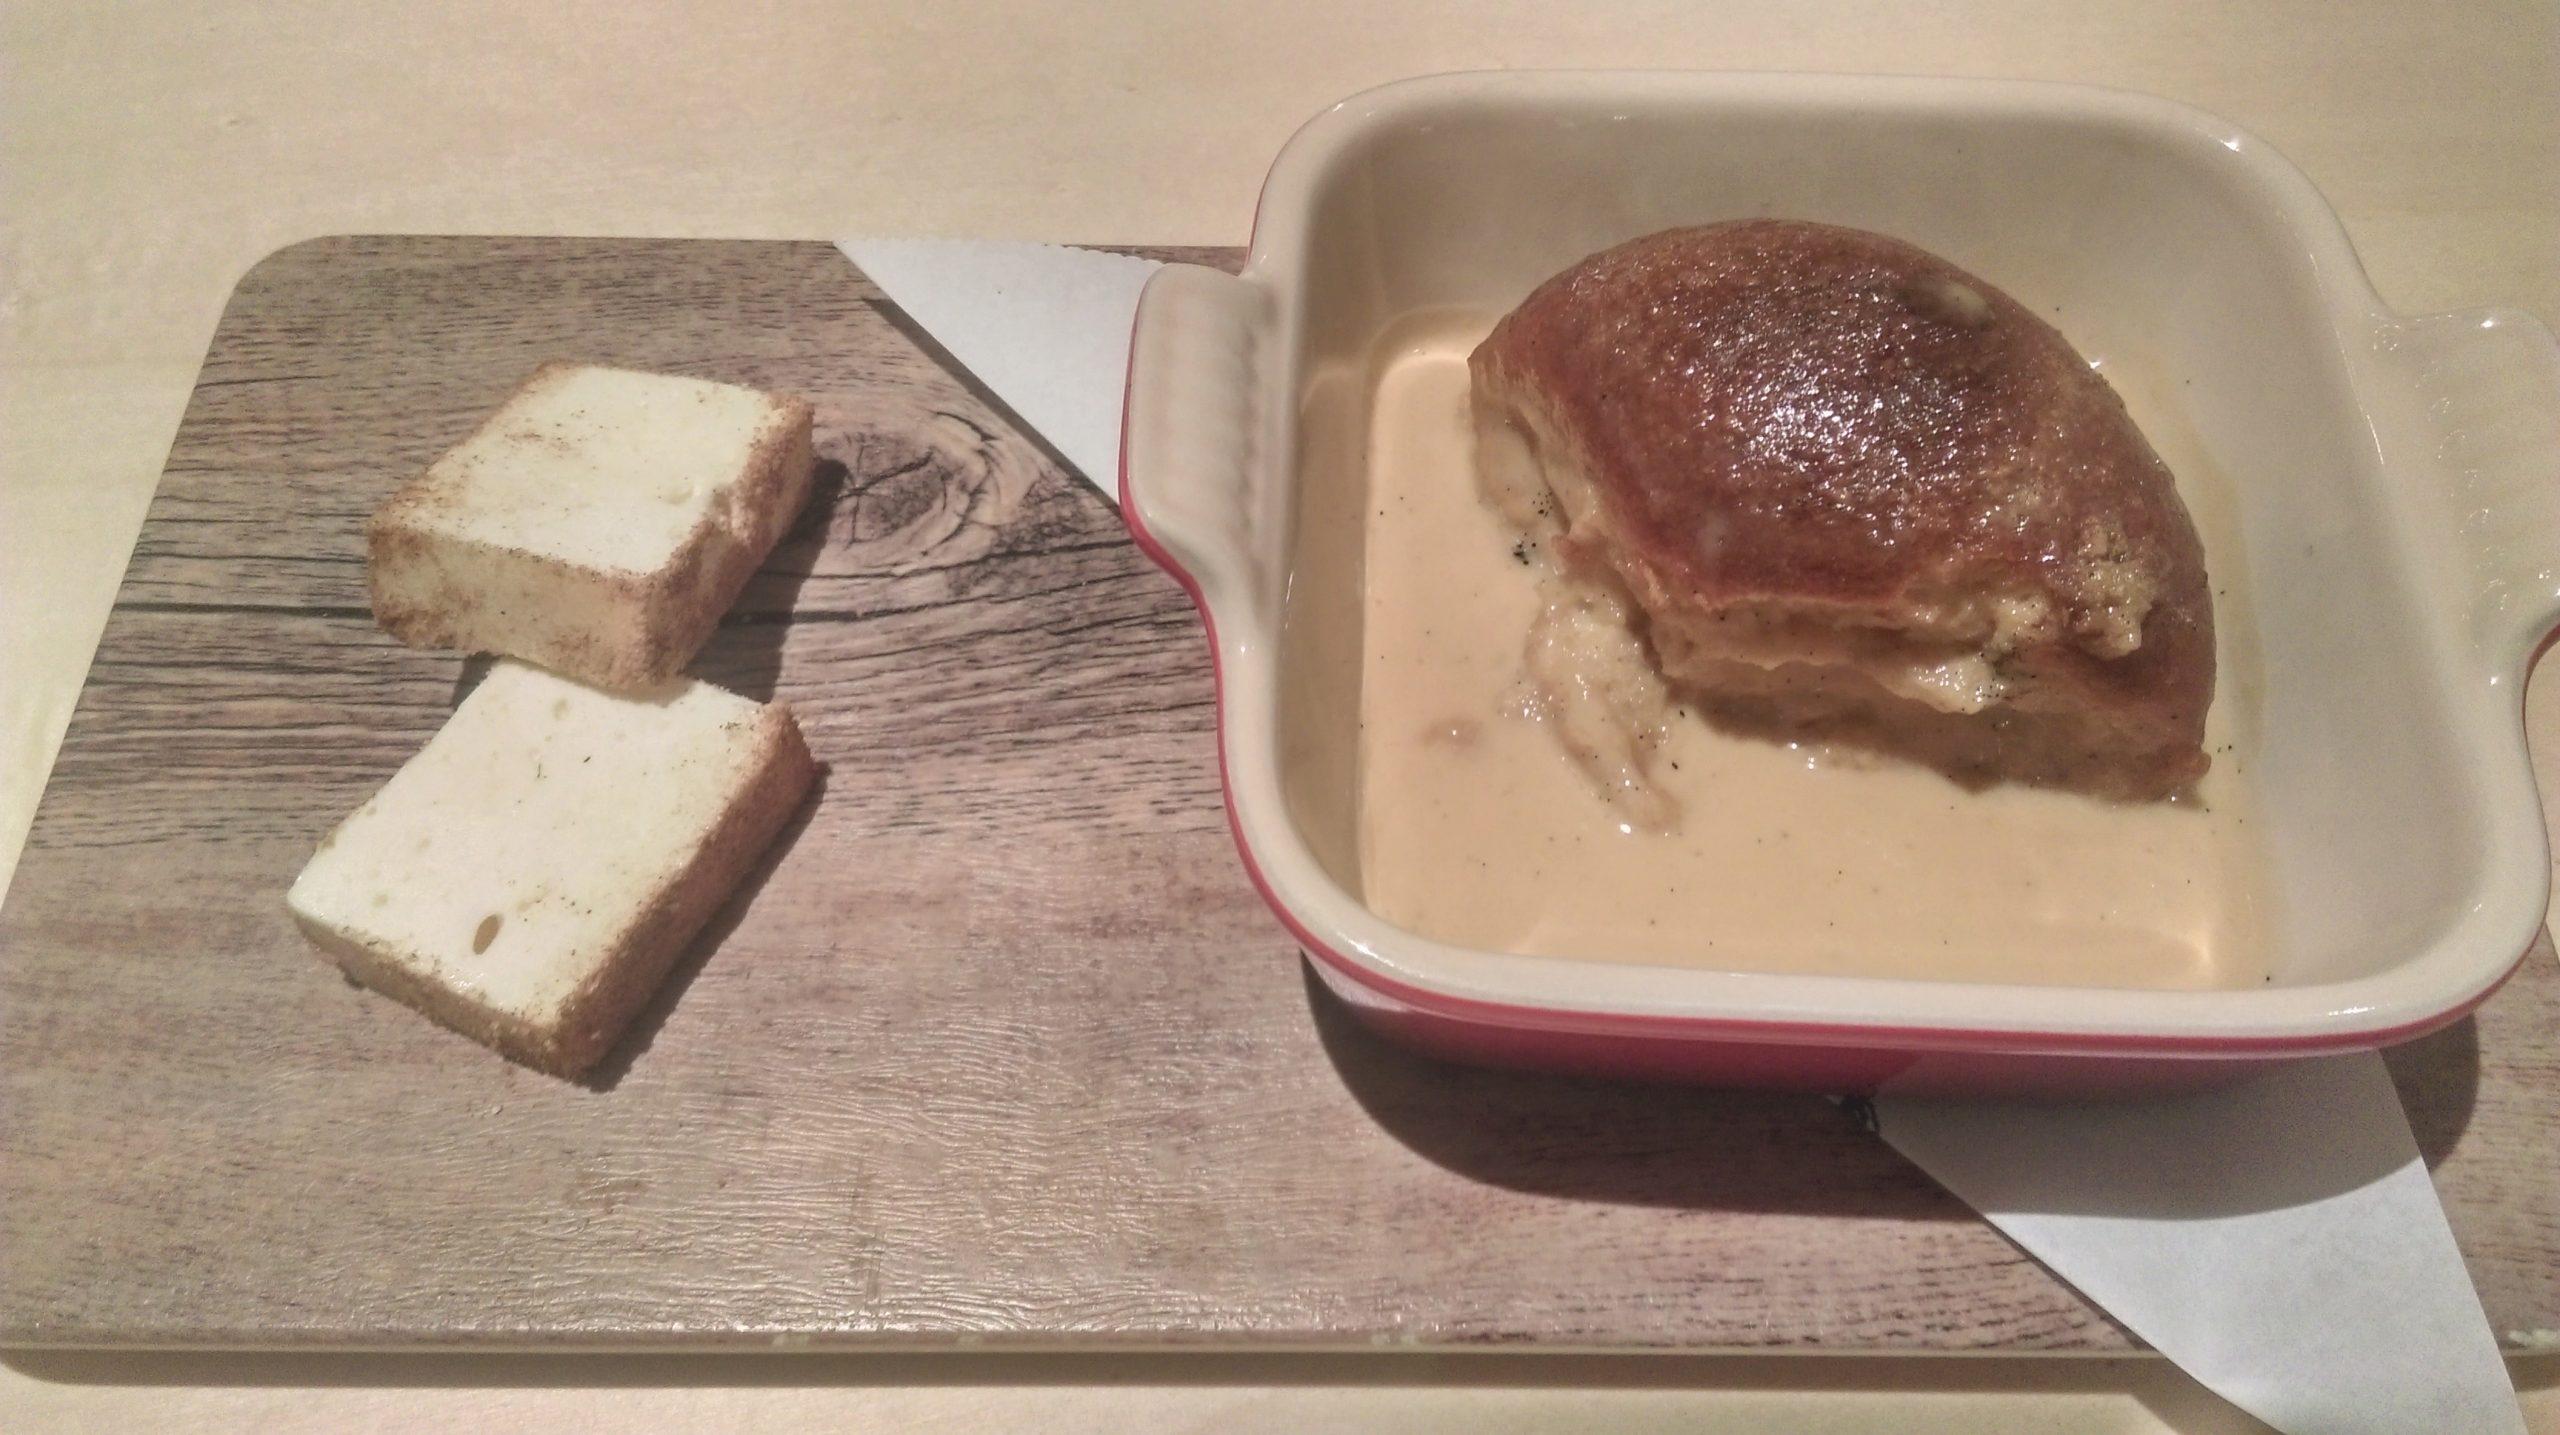 Brioche asado y empapado con biscuit glacé de leche merengada.